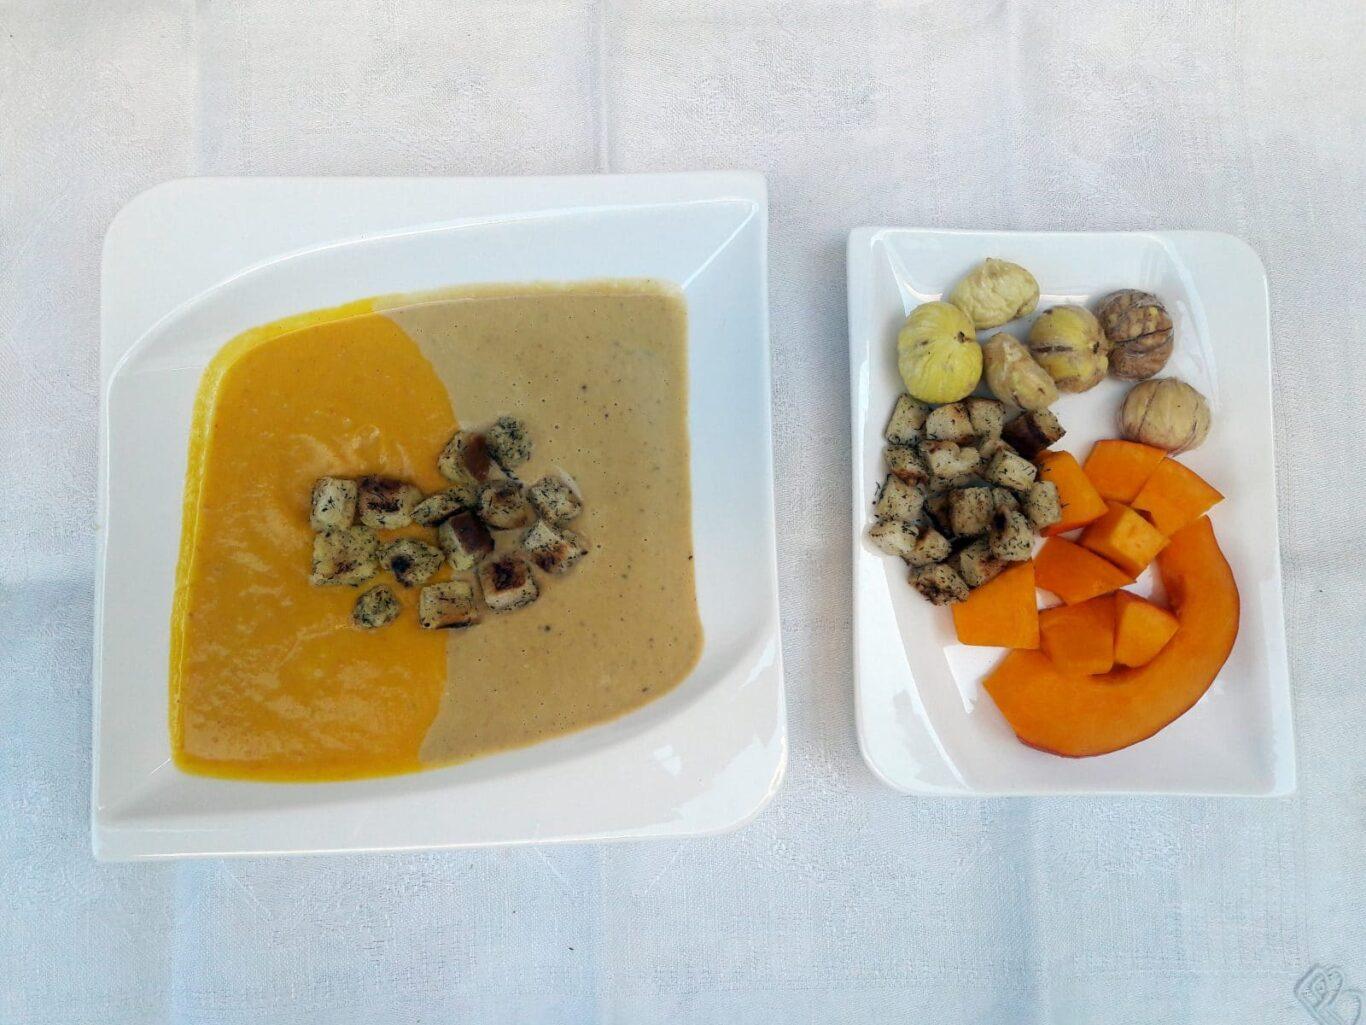 Kürbis & Maronensuppe